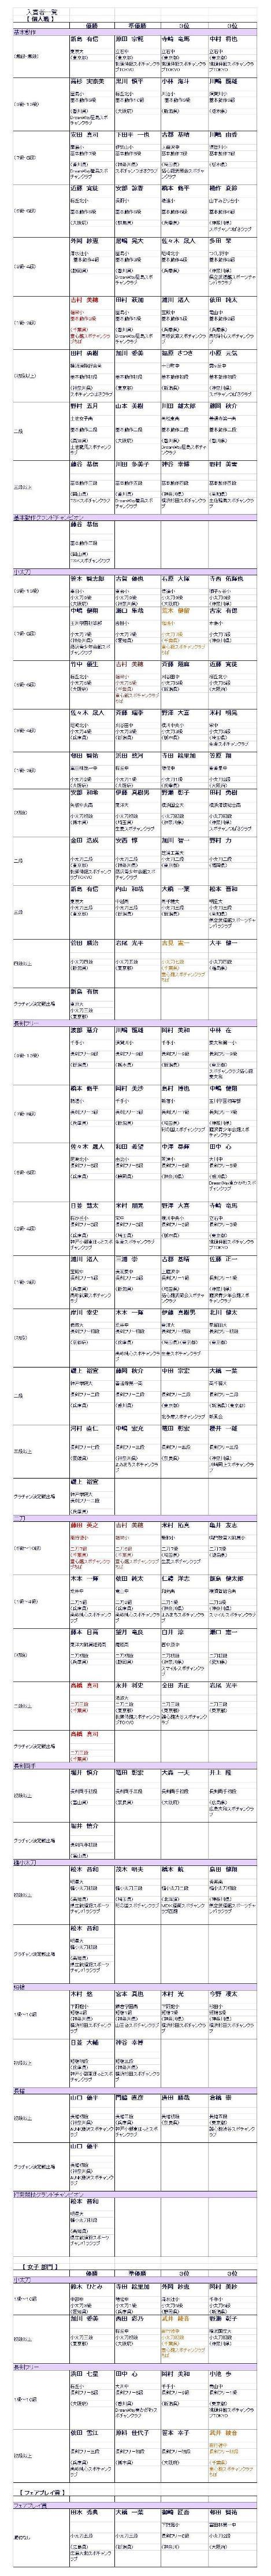 全日本選手権結果